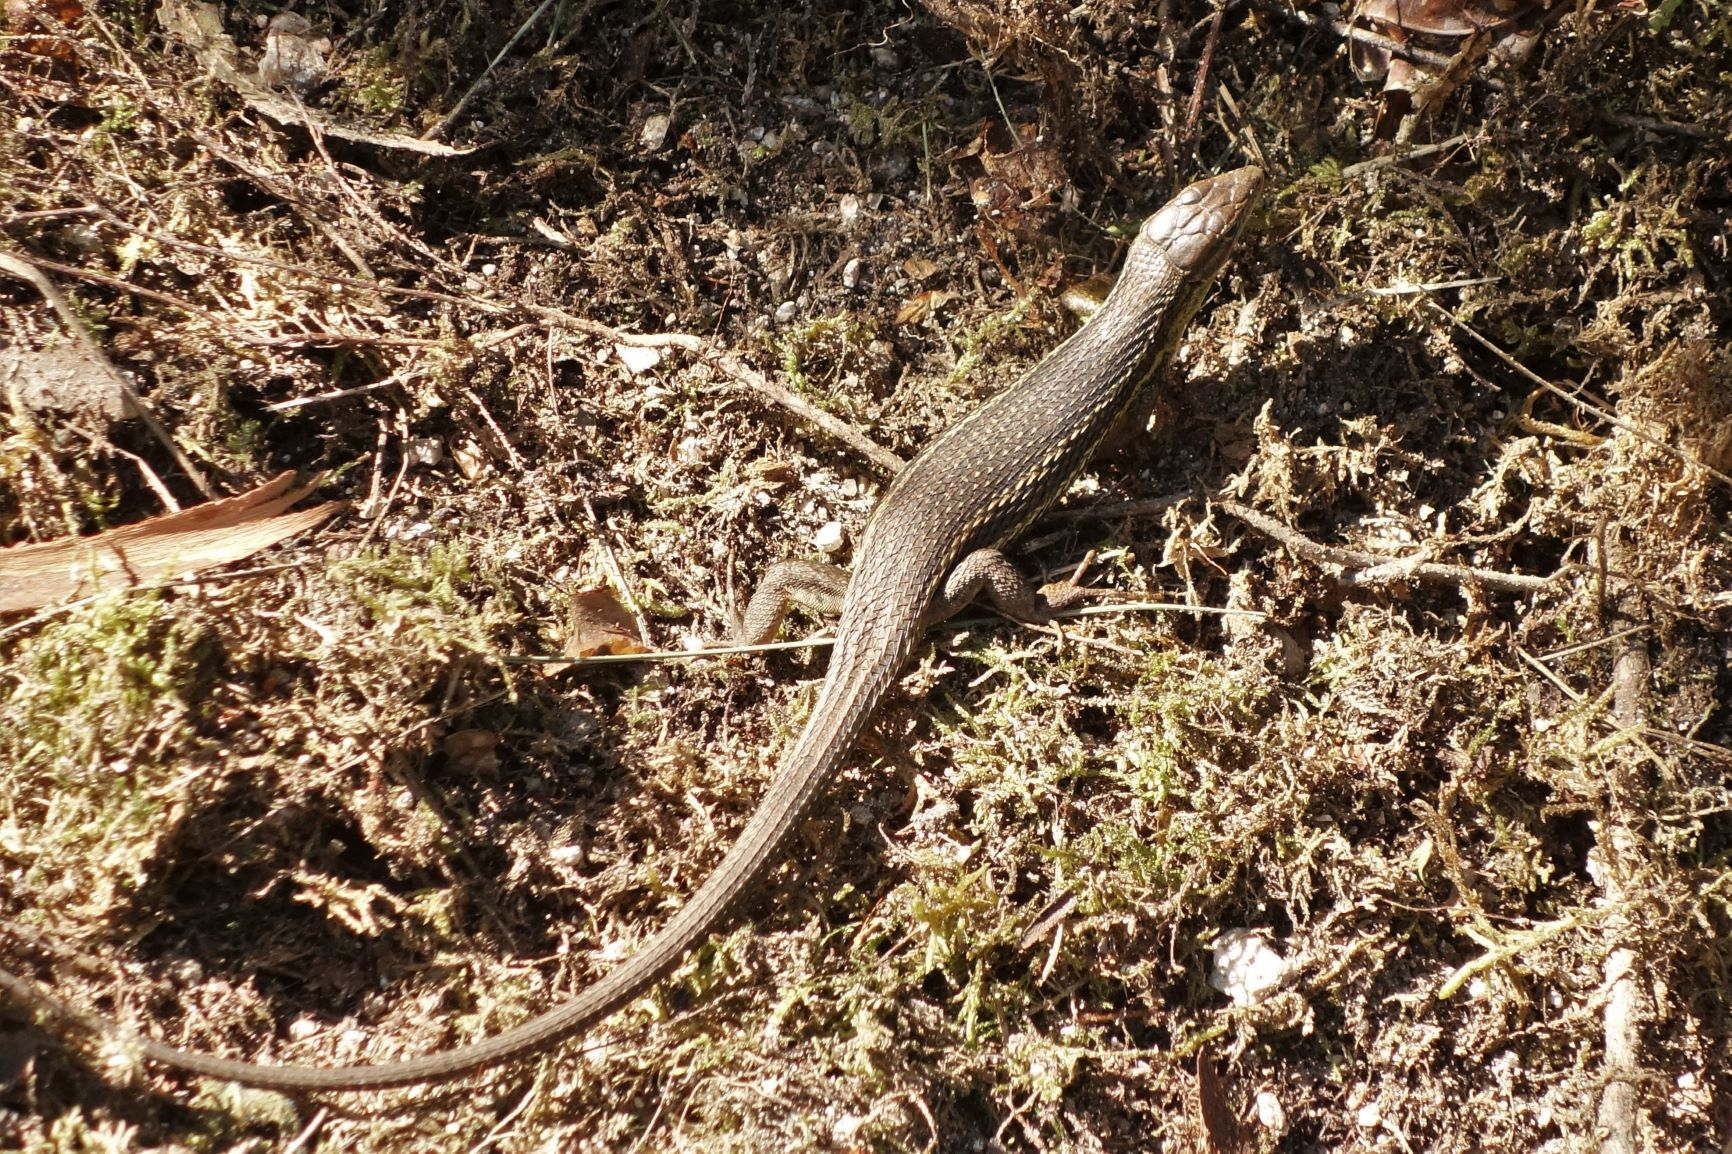 Paještěrka alžírská (Psammodromus algirus)